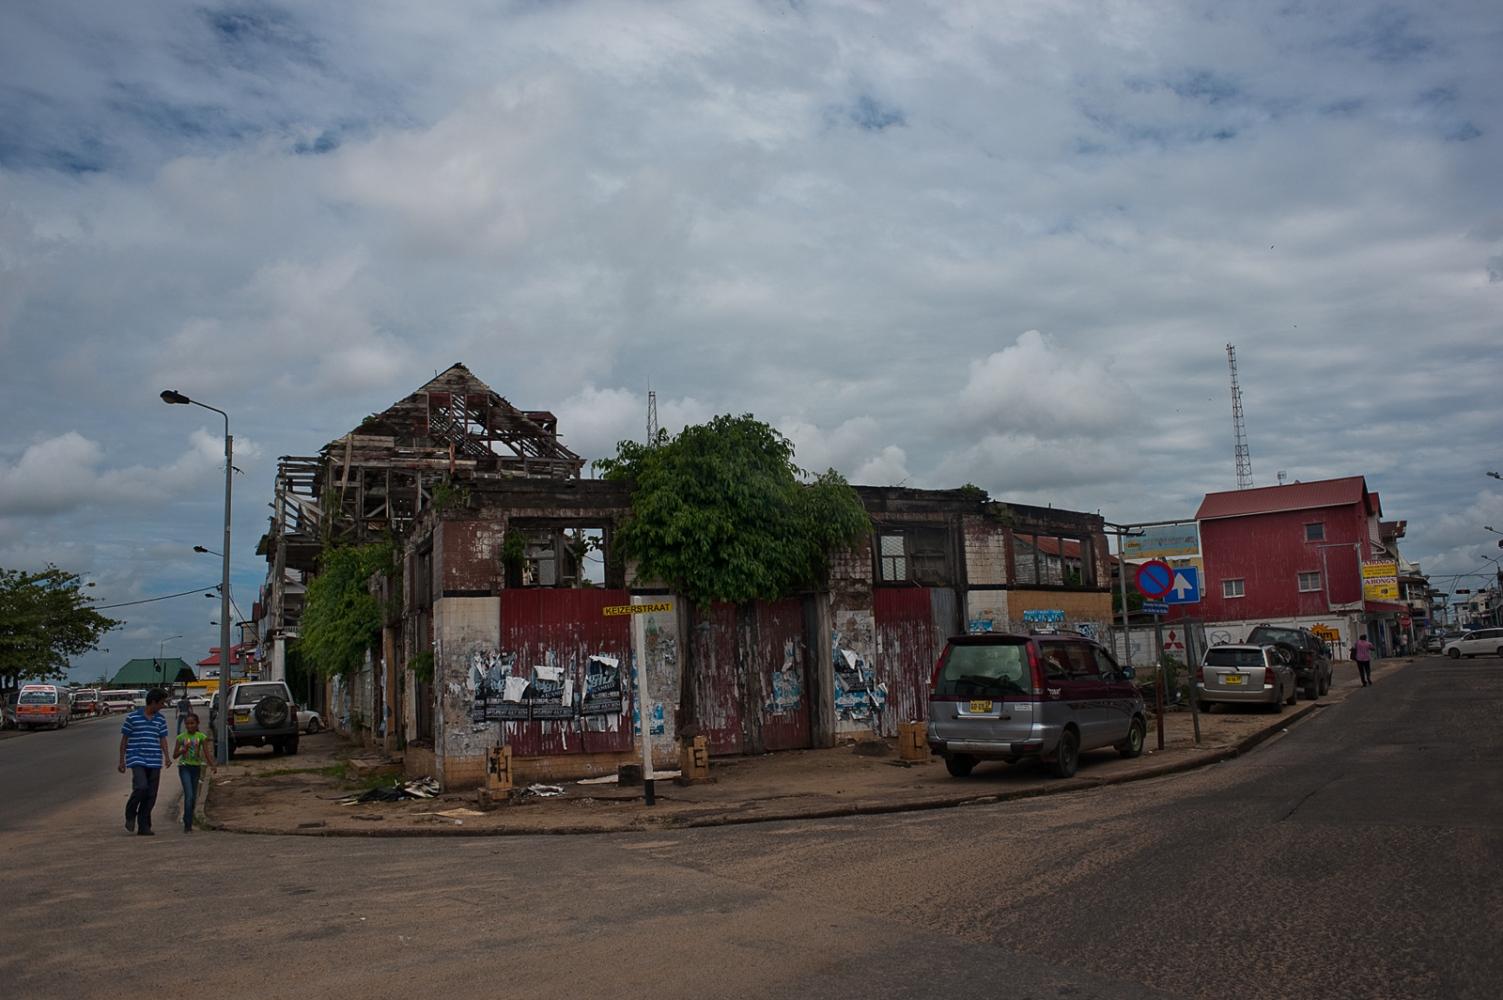 Street corner in Paramaribo